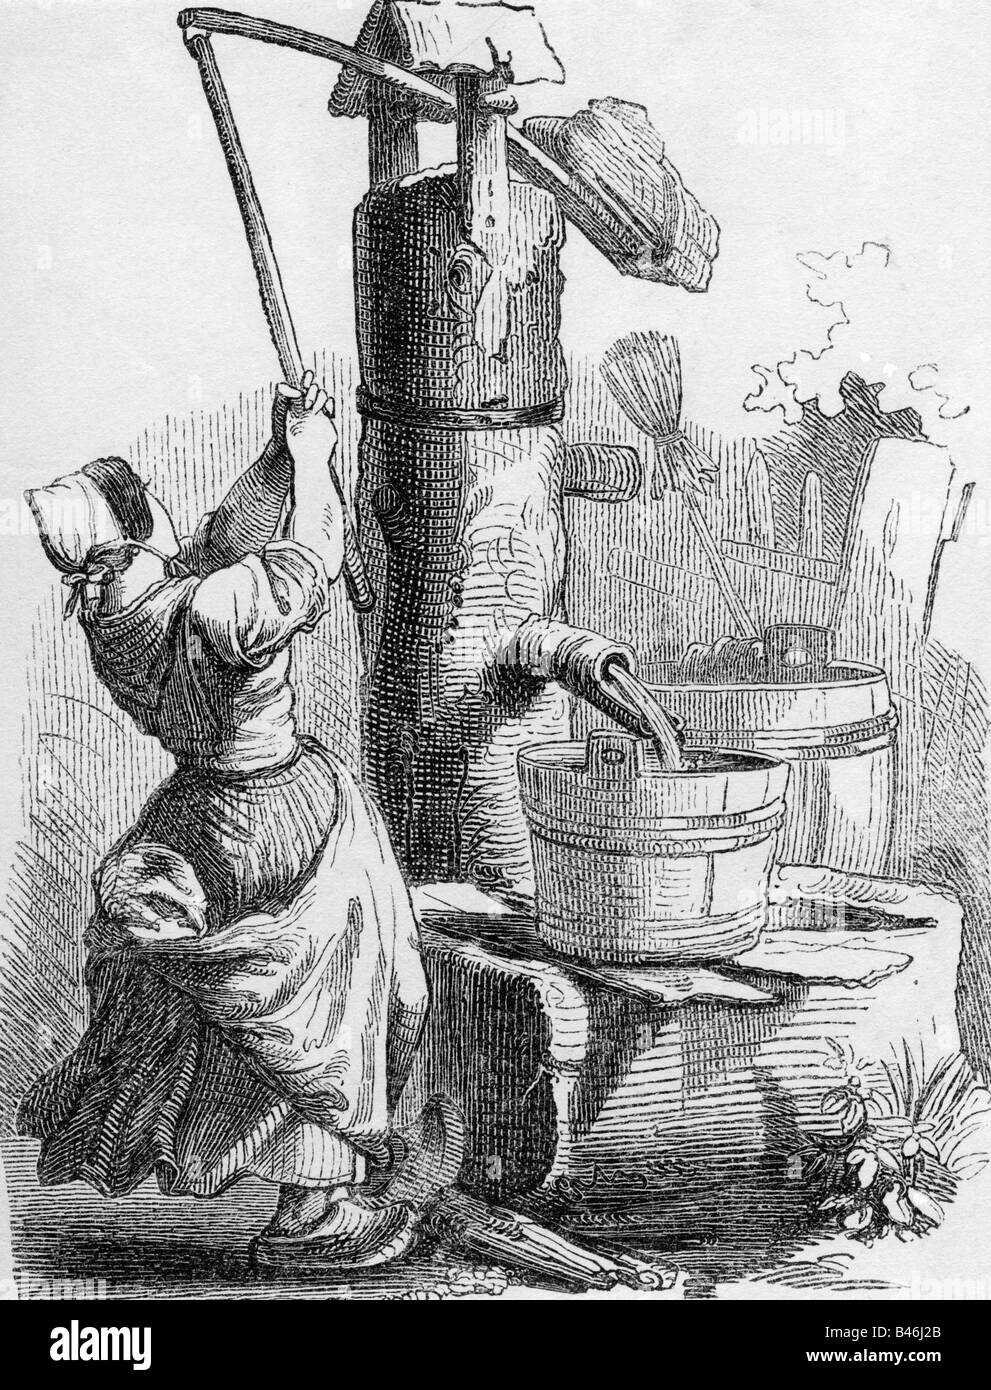 Architektur, Brunnen, Daw gut, Gravur, Deutschland, 19. Jahrhundert Holz, Pumpe, Wasserversorgung, Holz, Menschen, Stockbild